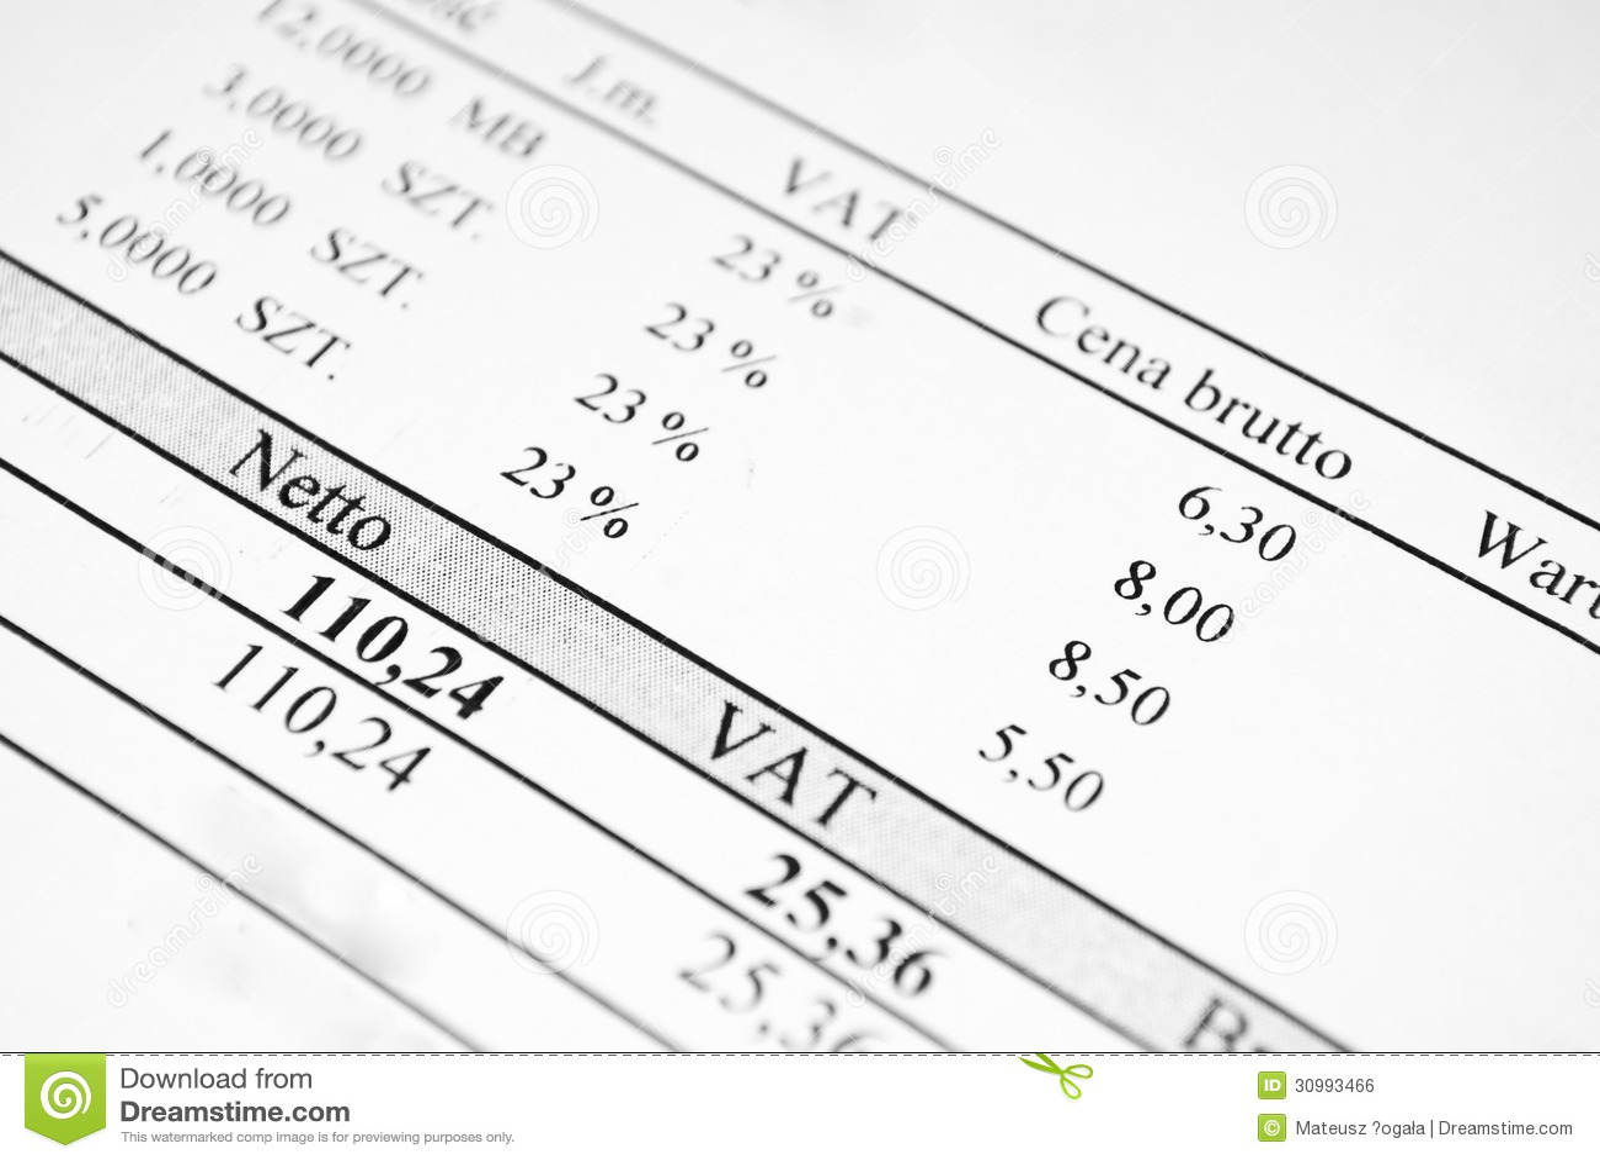 Rechnungsblatt Mit Preisen Und Steuer Stockfoto - Bild von diagramm ...